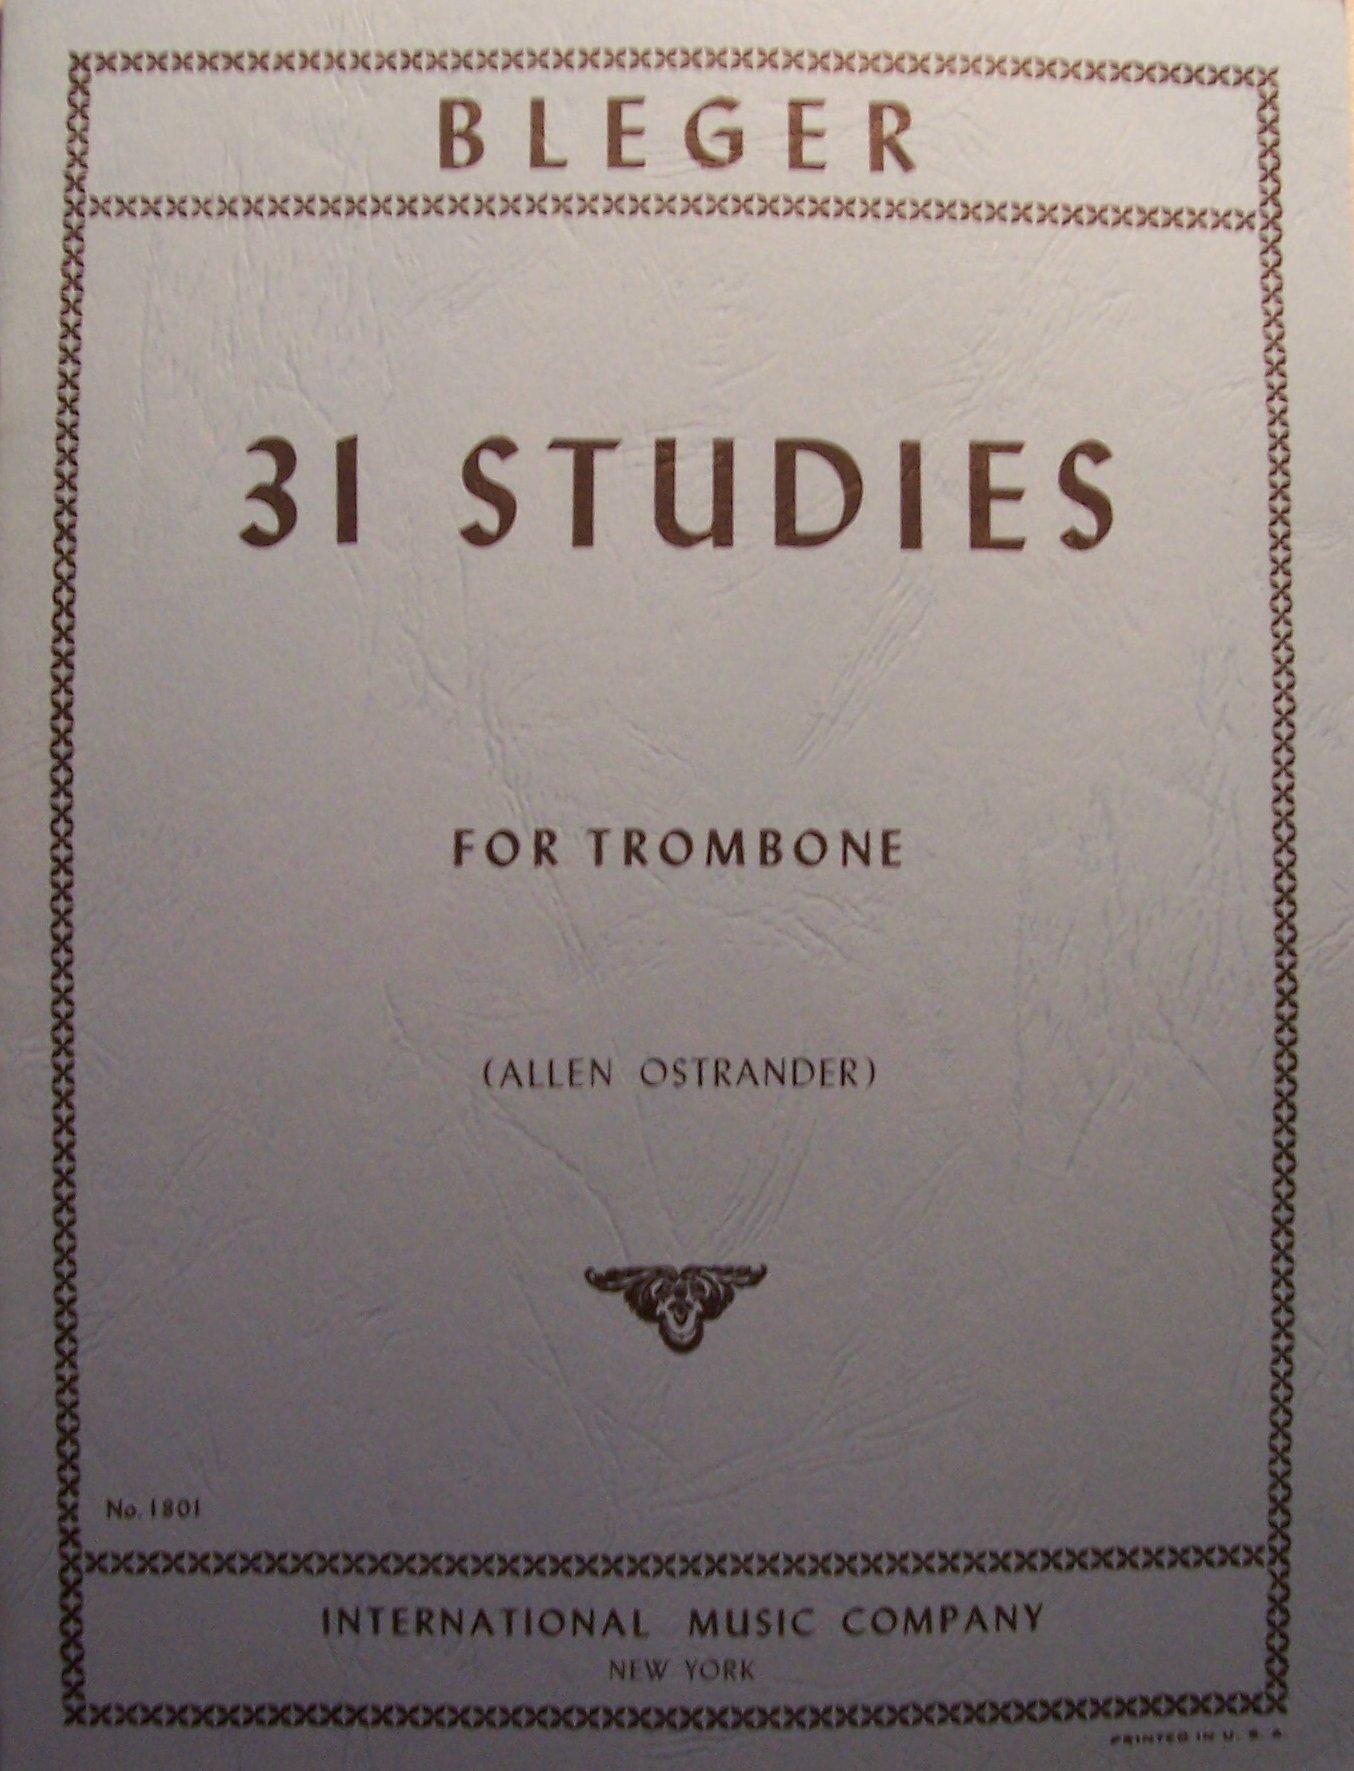 BLEGER 31 Studies for Trombone (Allen Ostrander) No. 1801 (International Music Company)